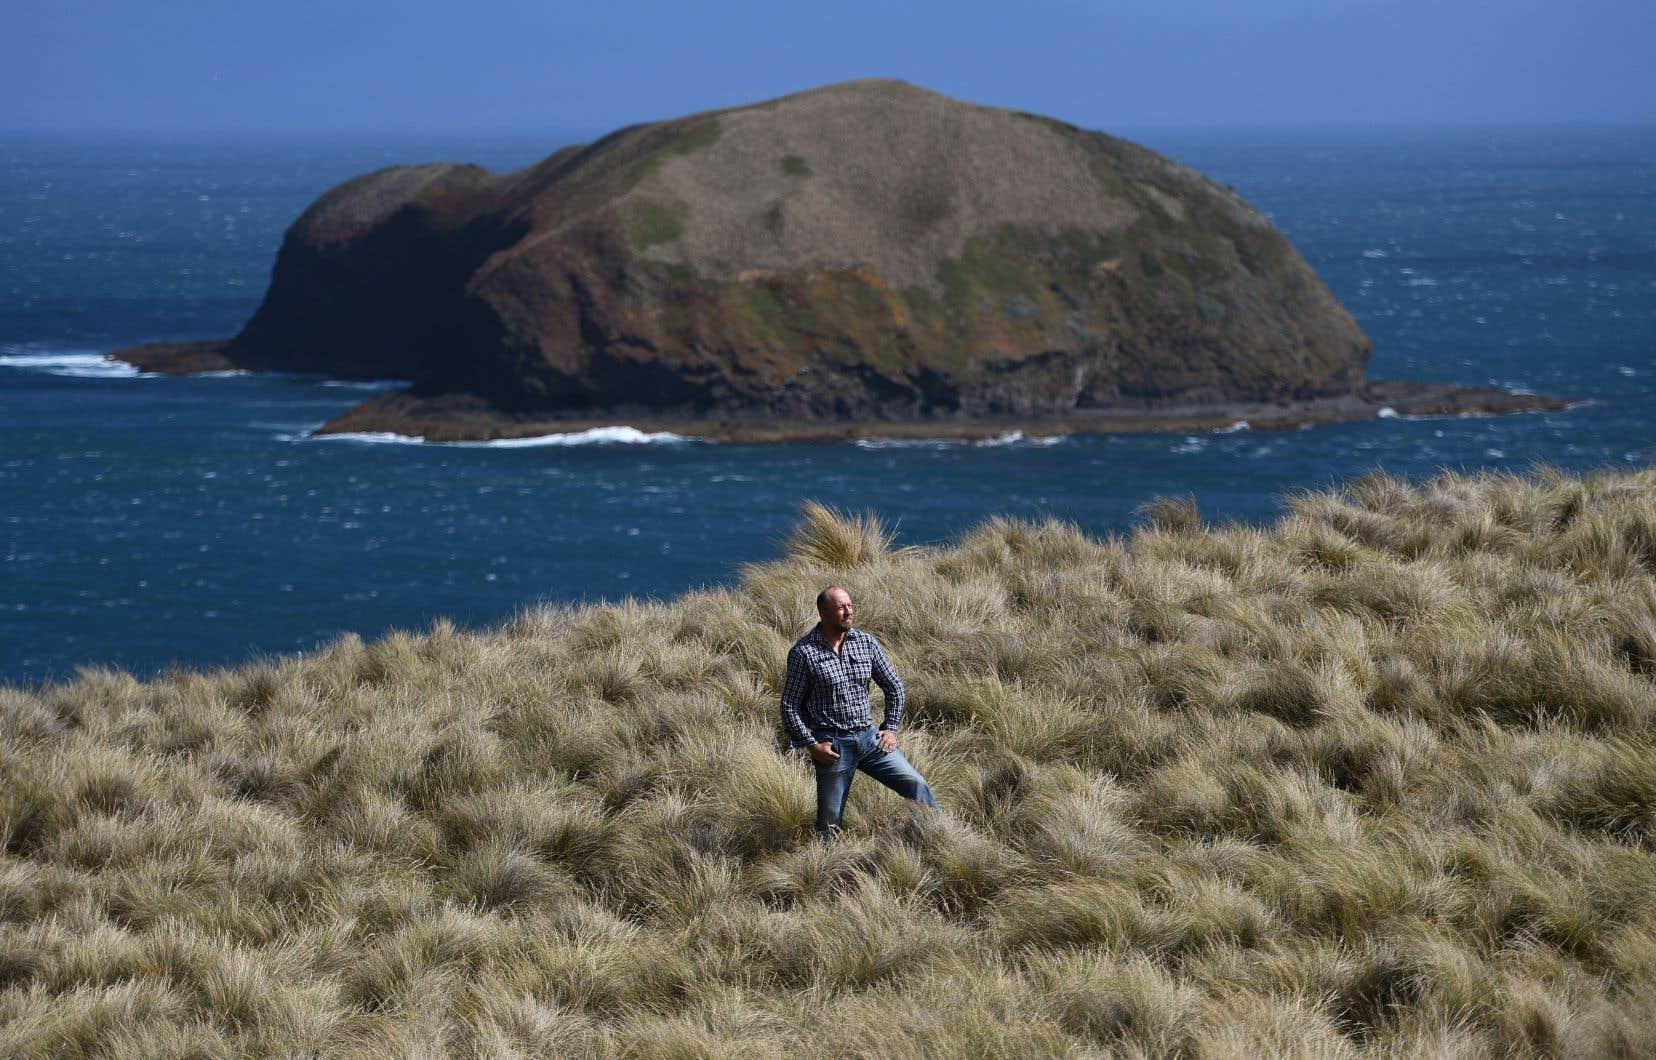 La péninsule du cap Grim offre des vues spectaculaires, avec ses vastes étendues herbeuses et les eaux cristallines de l'océan Austral.